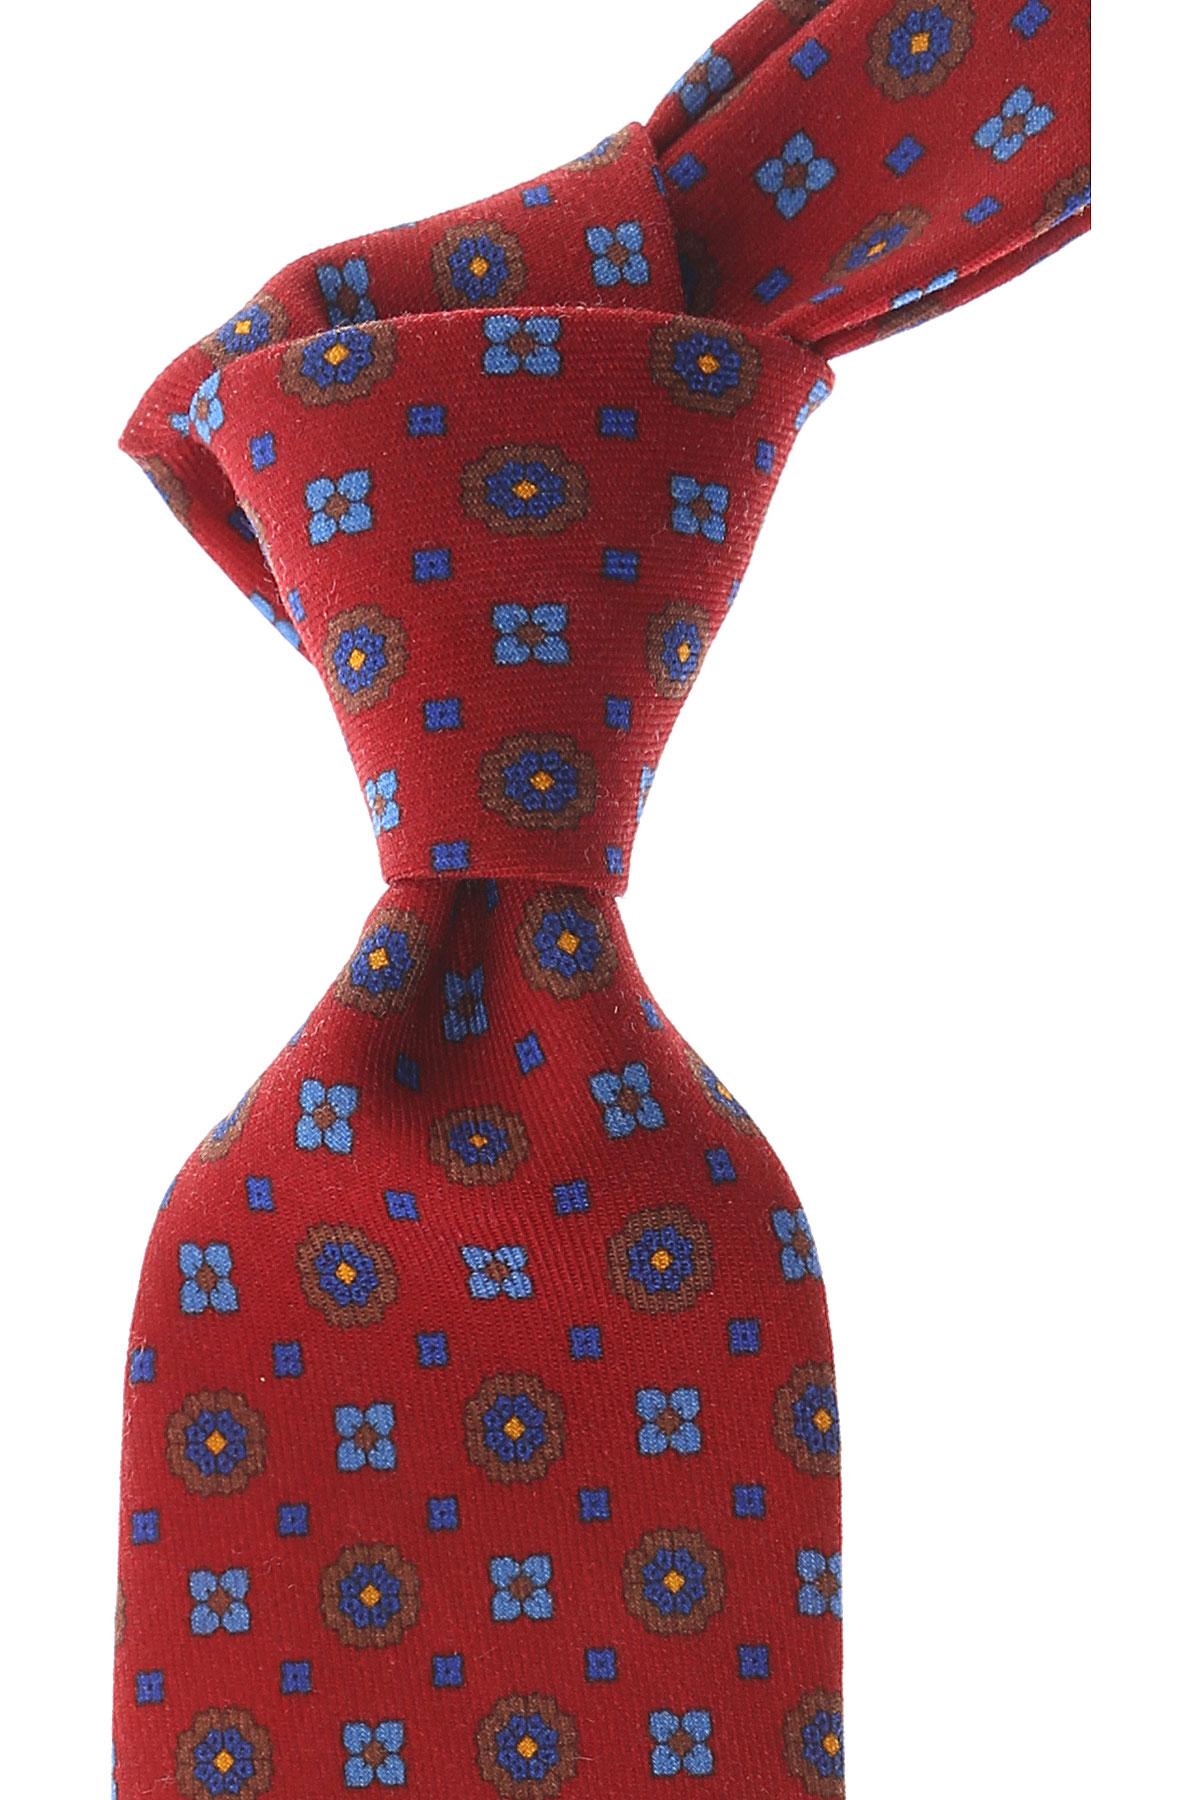 Cravates Borrelli Pas cher en Soldes, Rouge cardinal, Soie, 2017